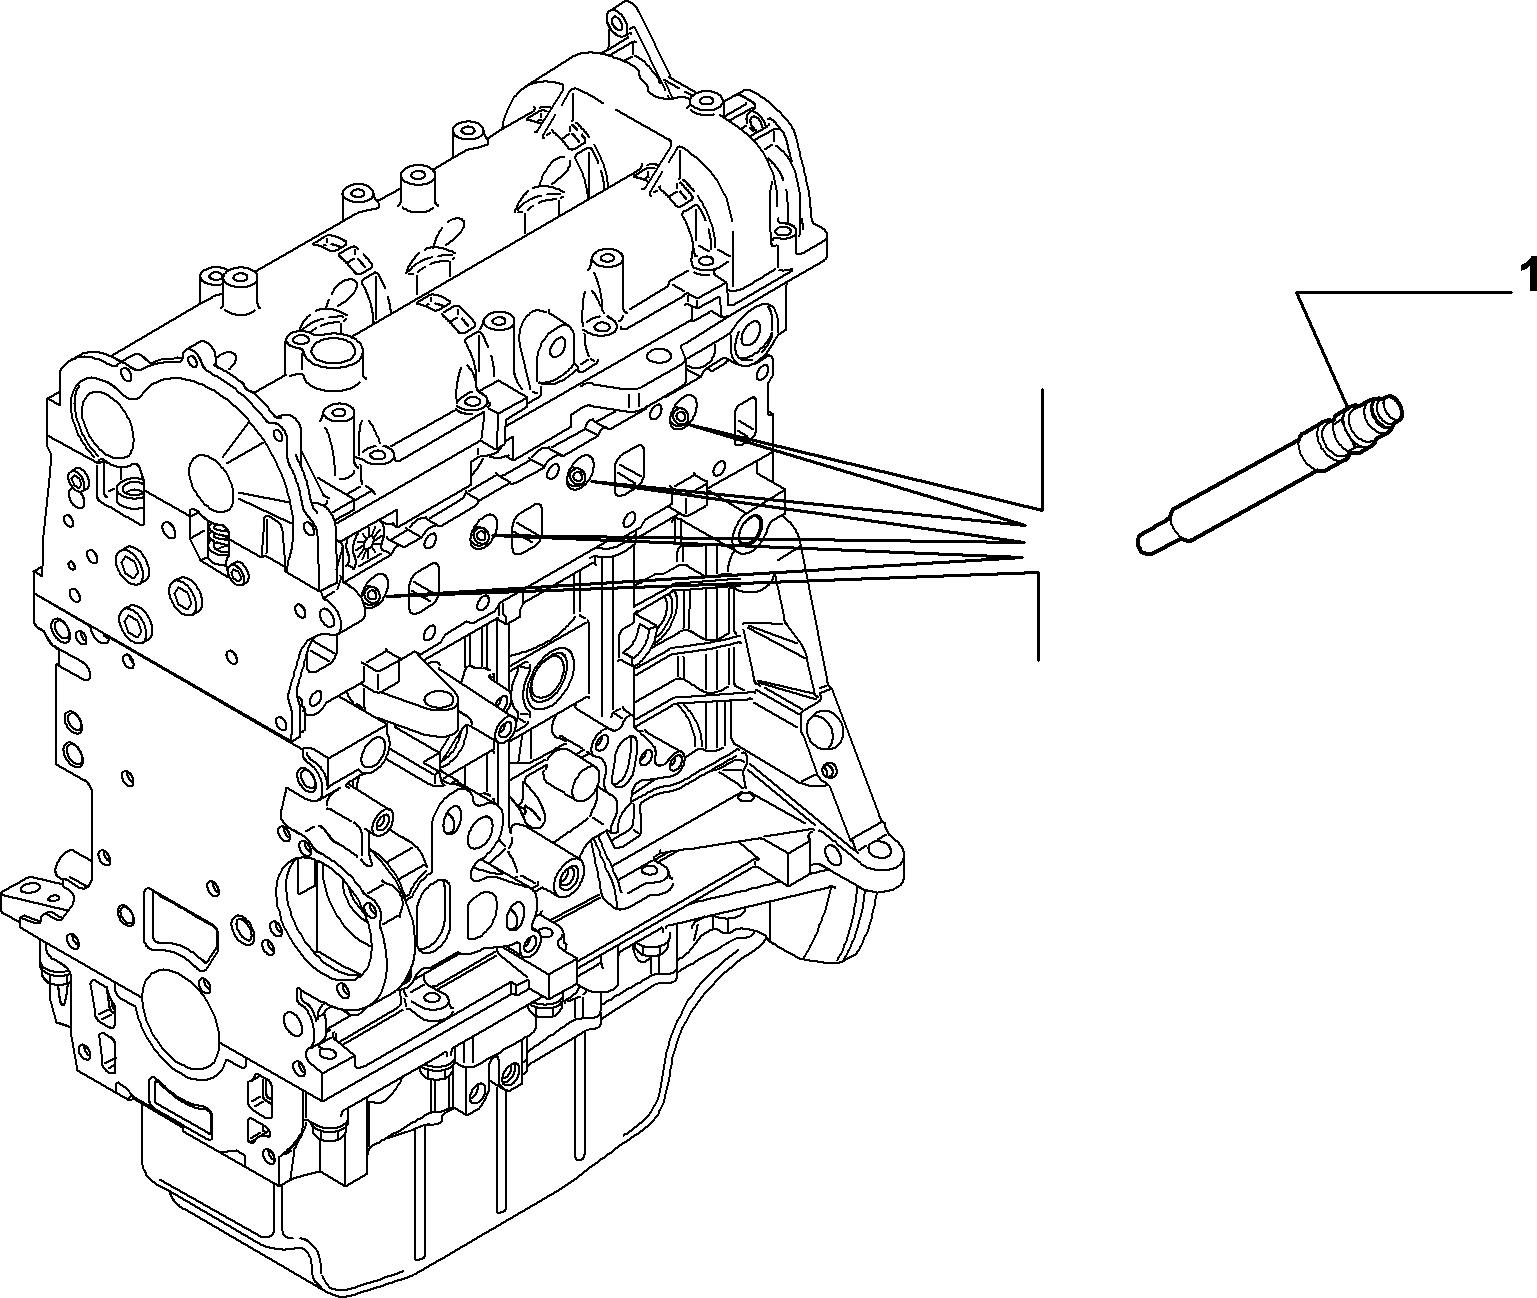 55101-010 GLOW PLUGS